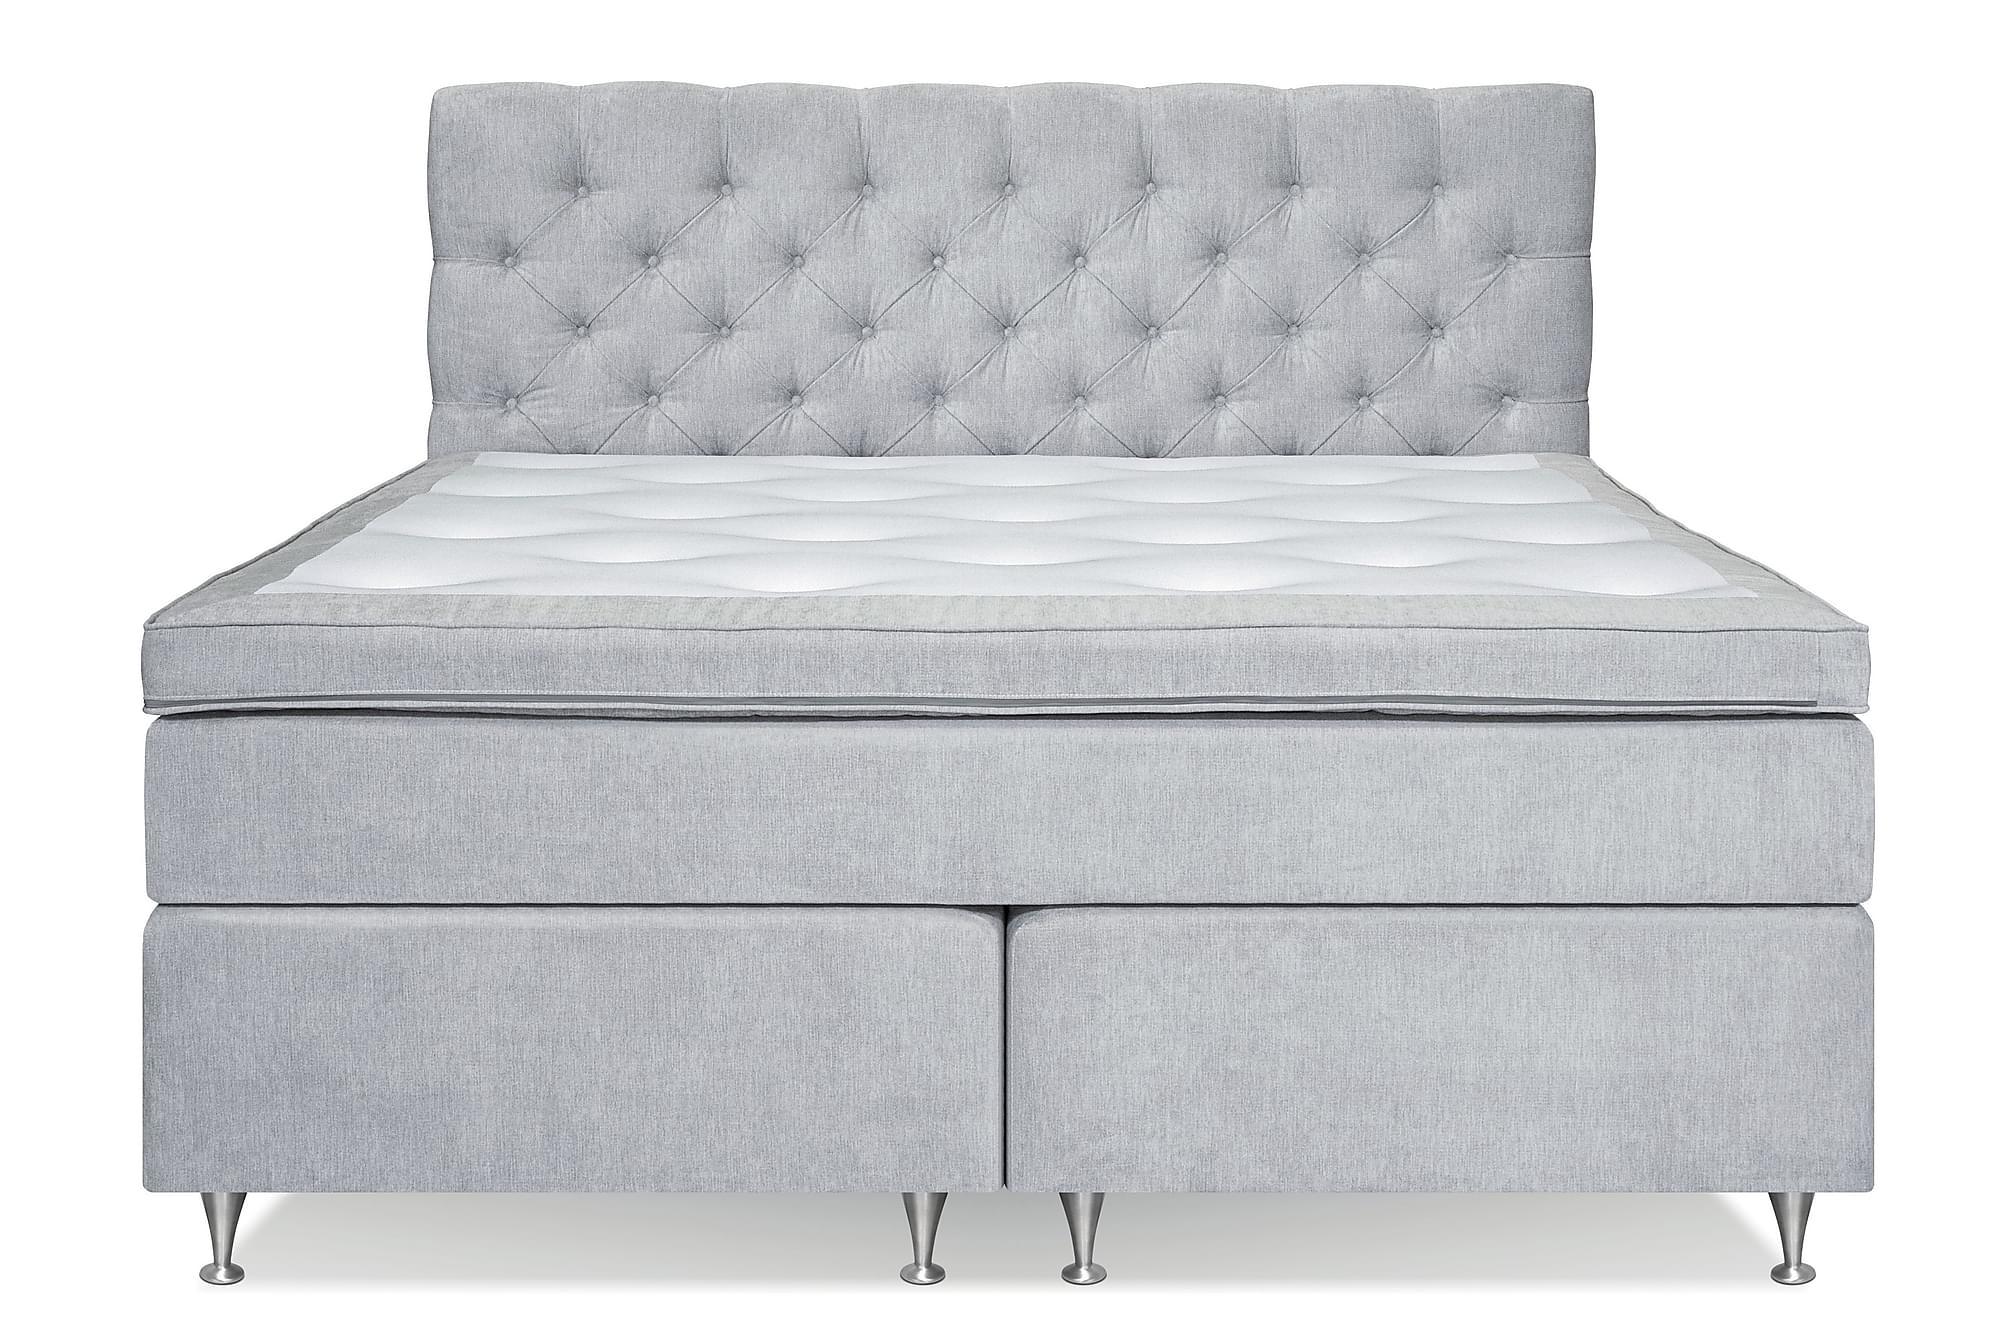 FLORENS Sängpaket Kontinentalsäng 180×200 Ljusgrå